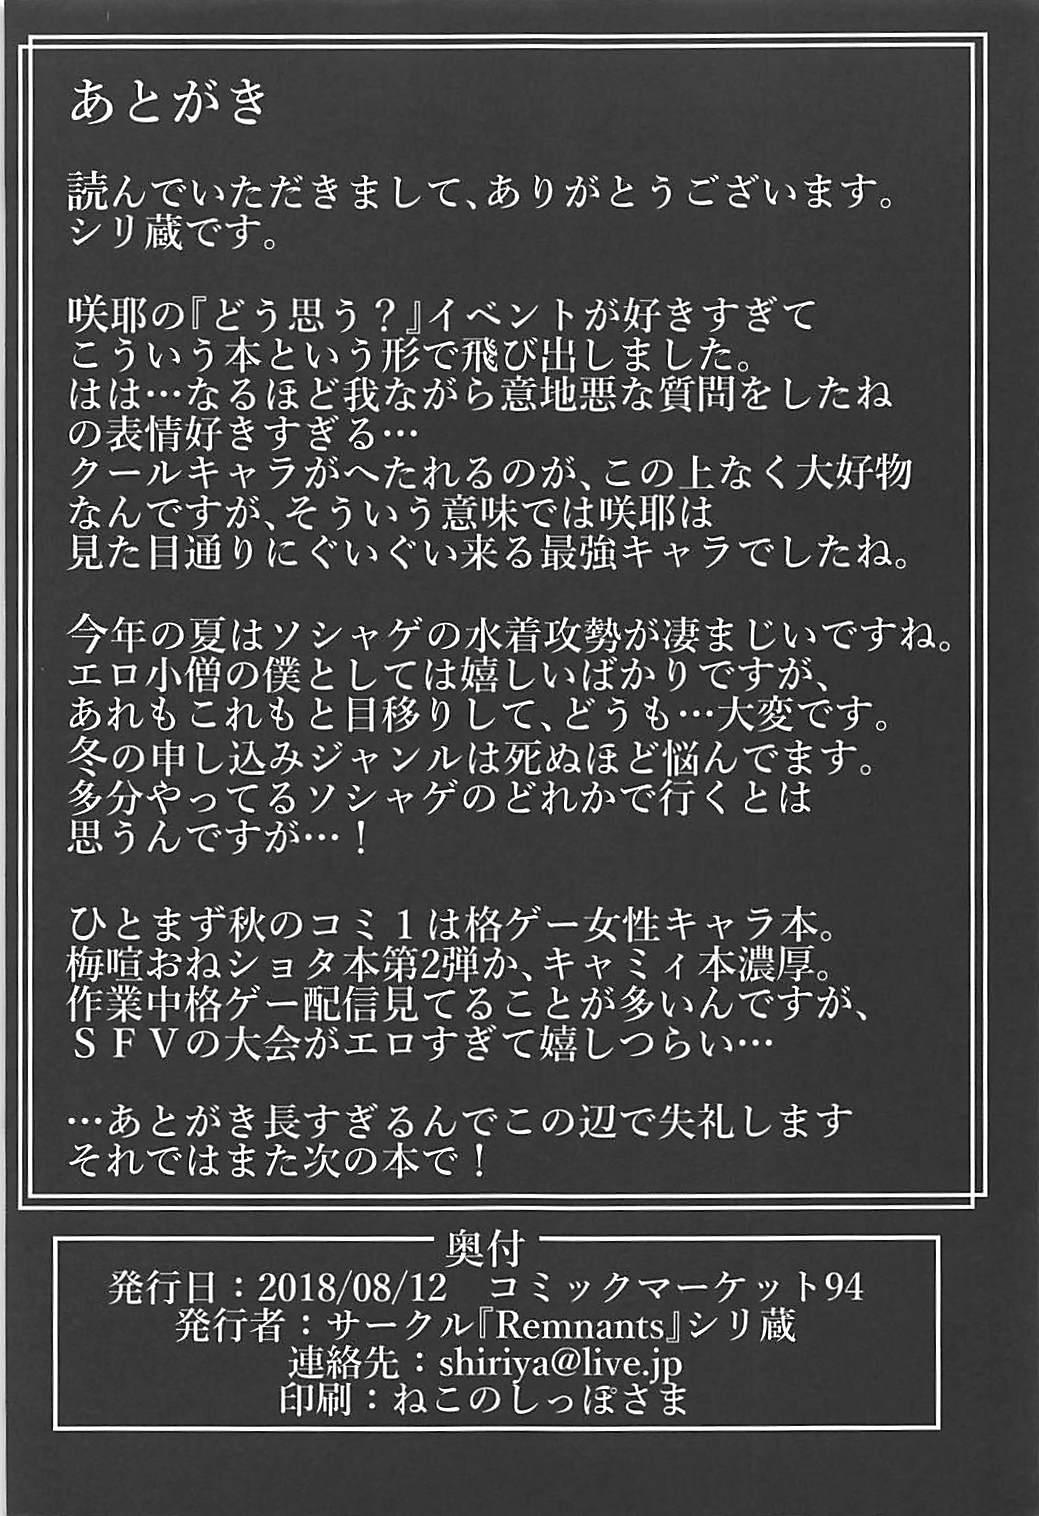 Atsui Hi wa Sakuya to Ase ni Mamirete Ichinichijuu 24